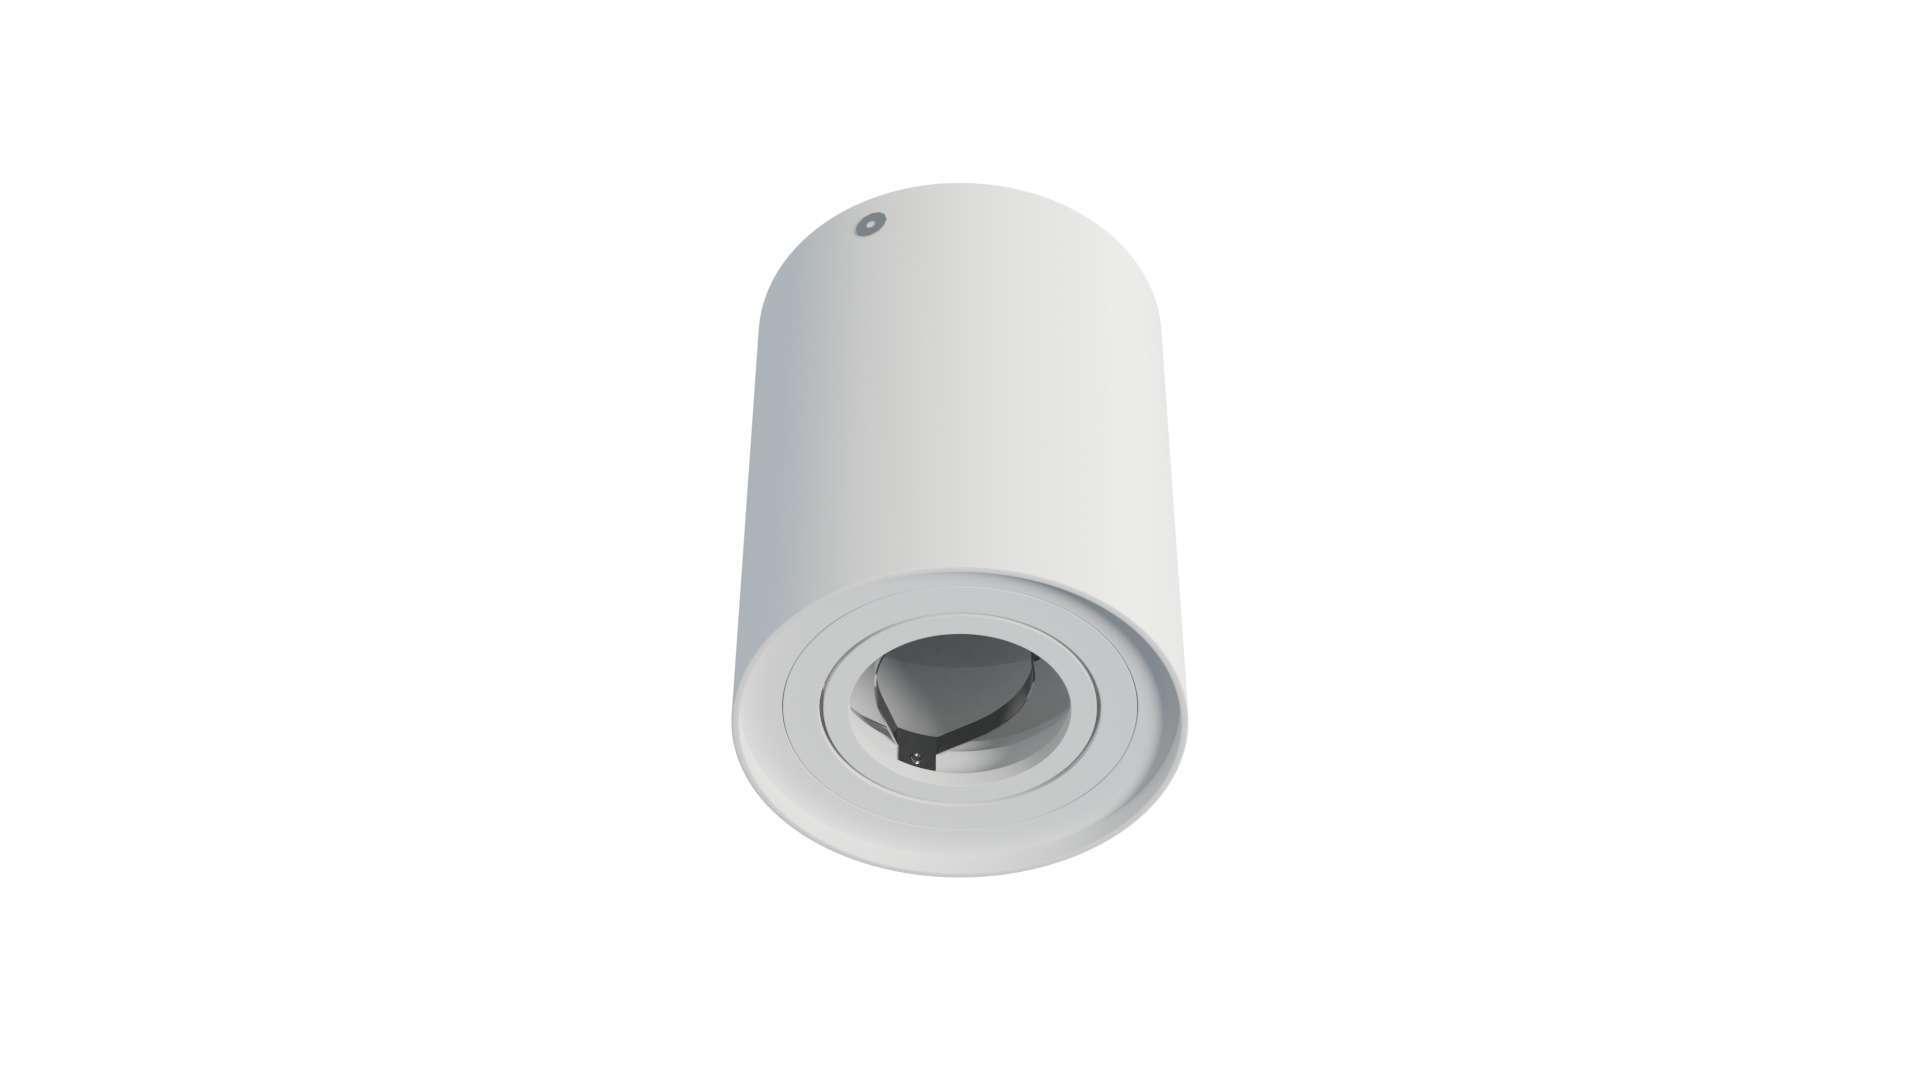 Ceiling spotlight fixture SPOT TUBE round white